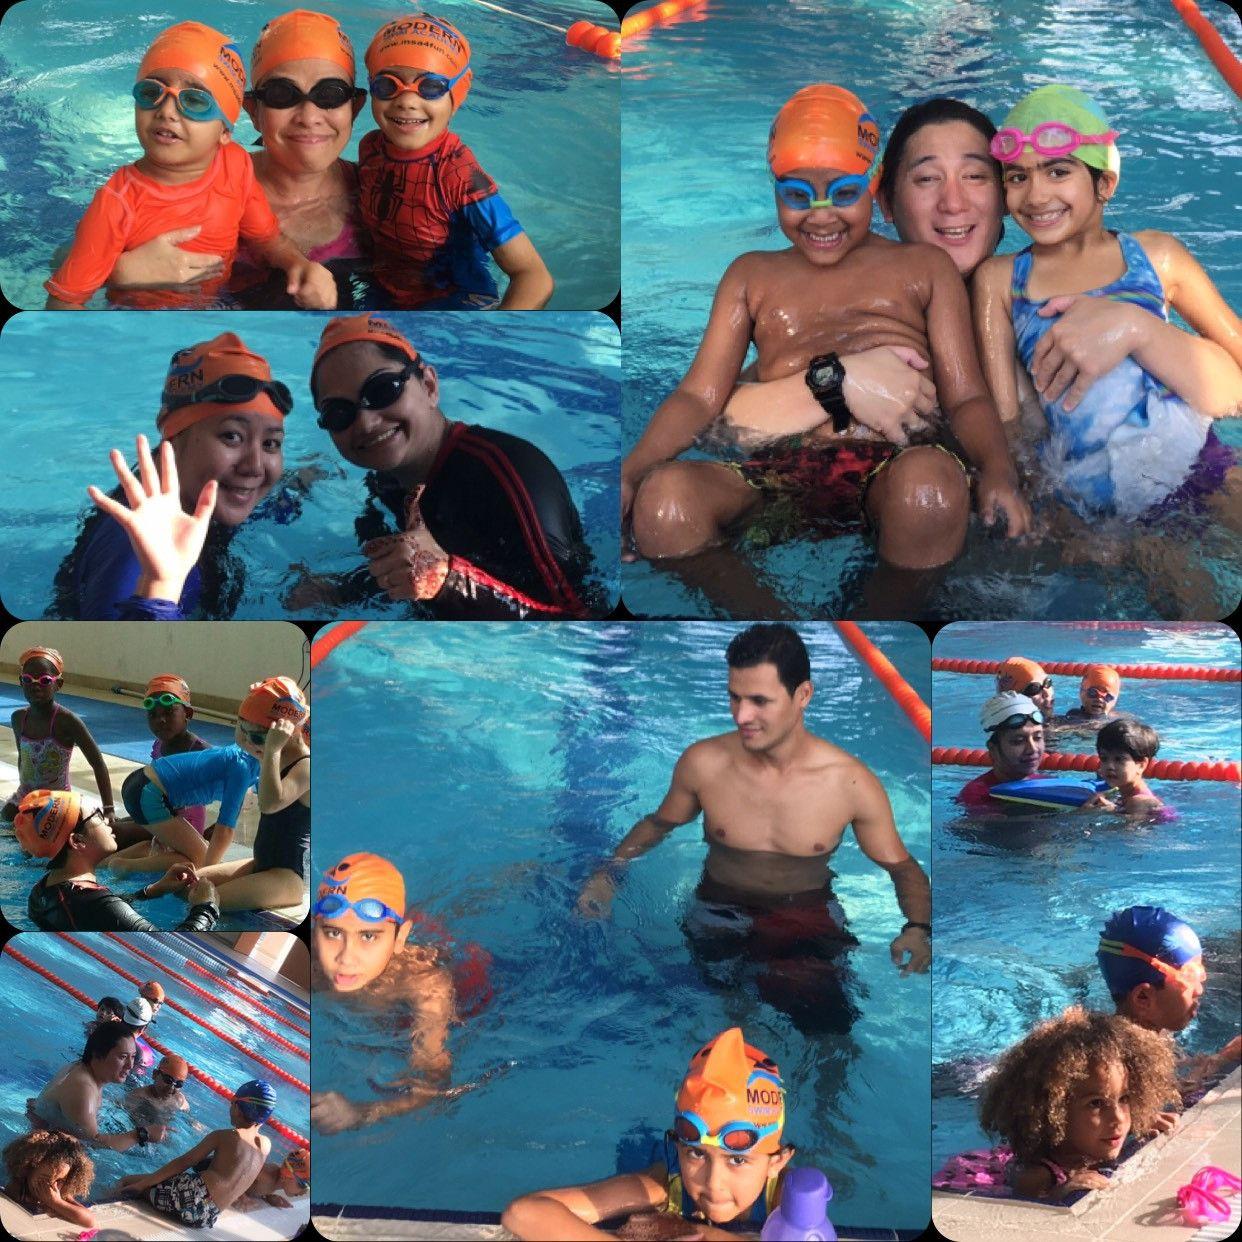 أكاديمية مودرن لتعليم السباحة